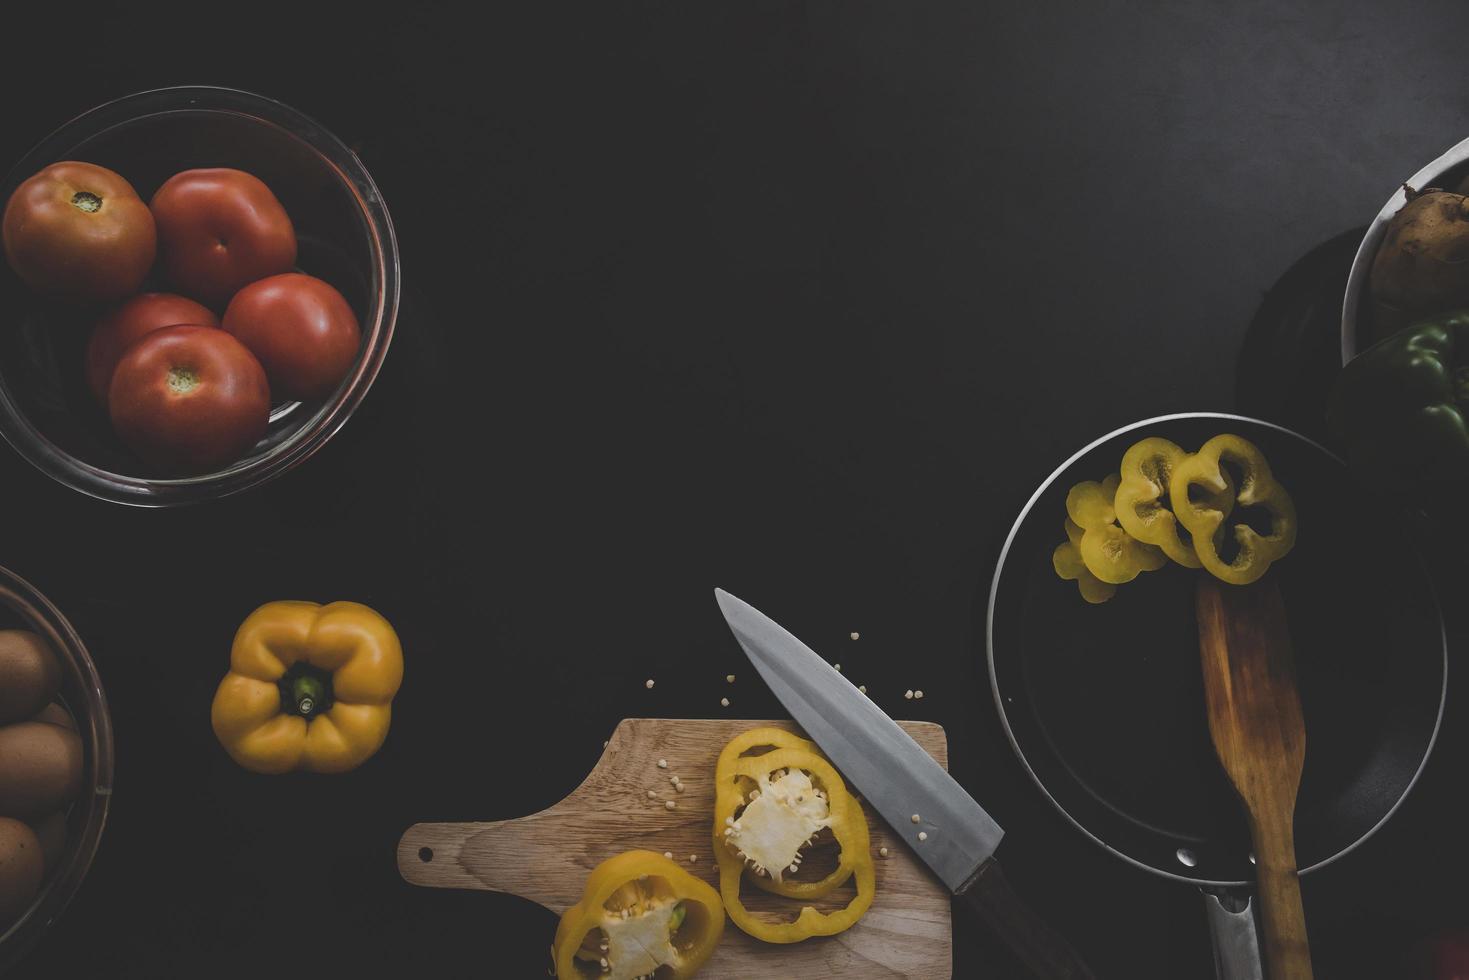 légumes frais sur fond de bois noir photo